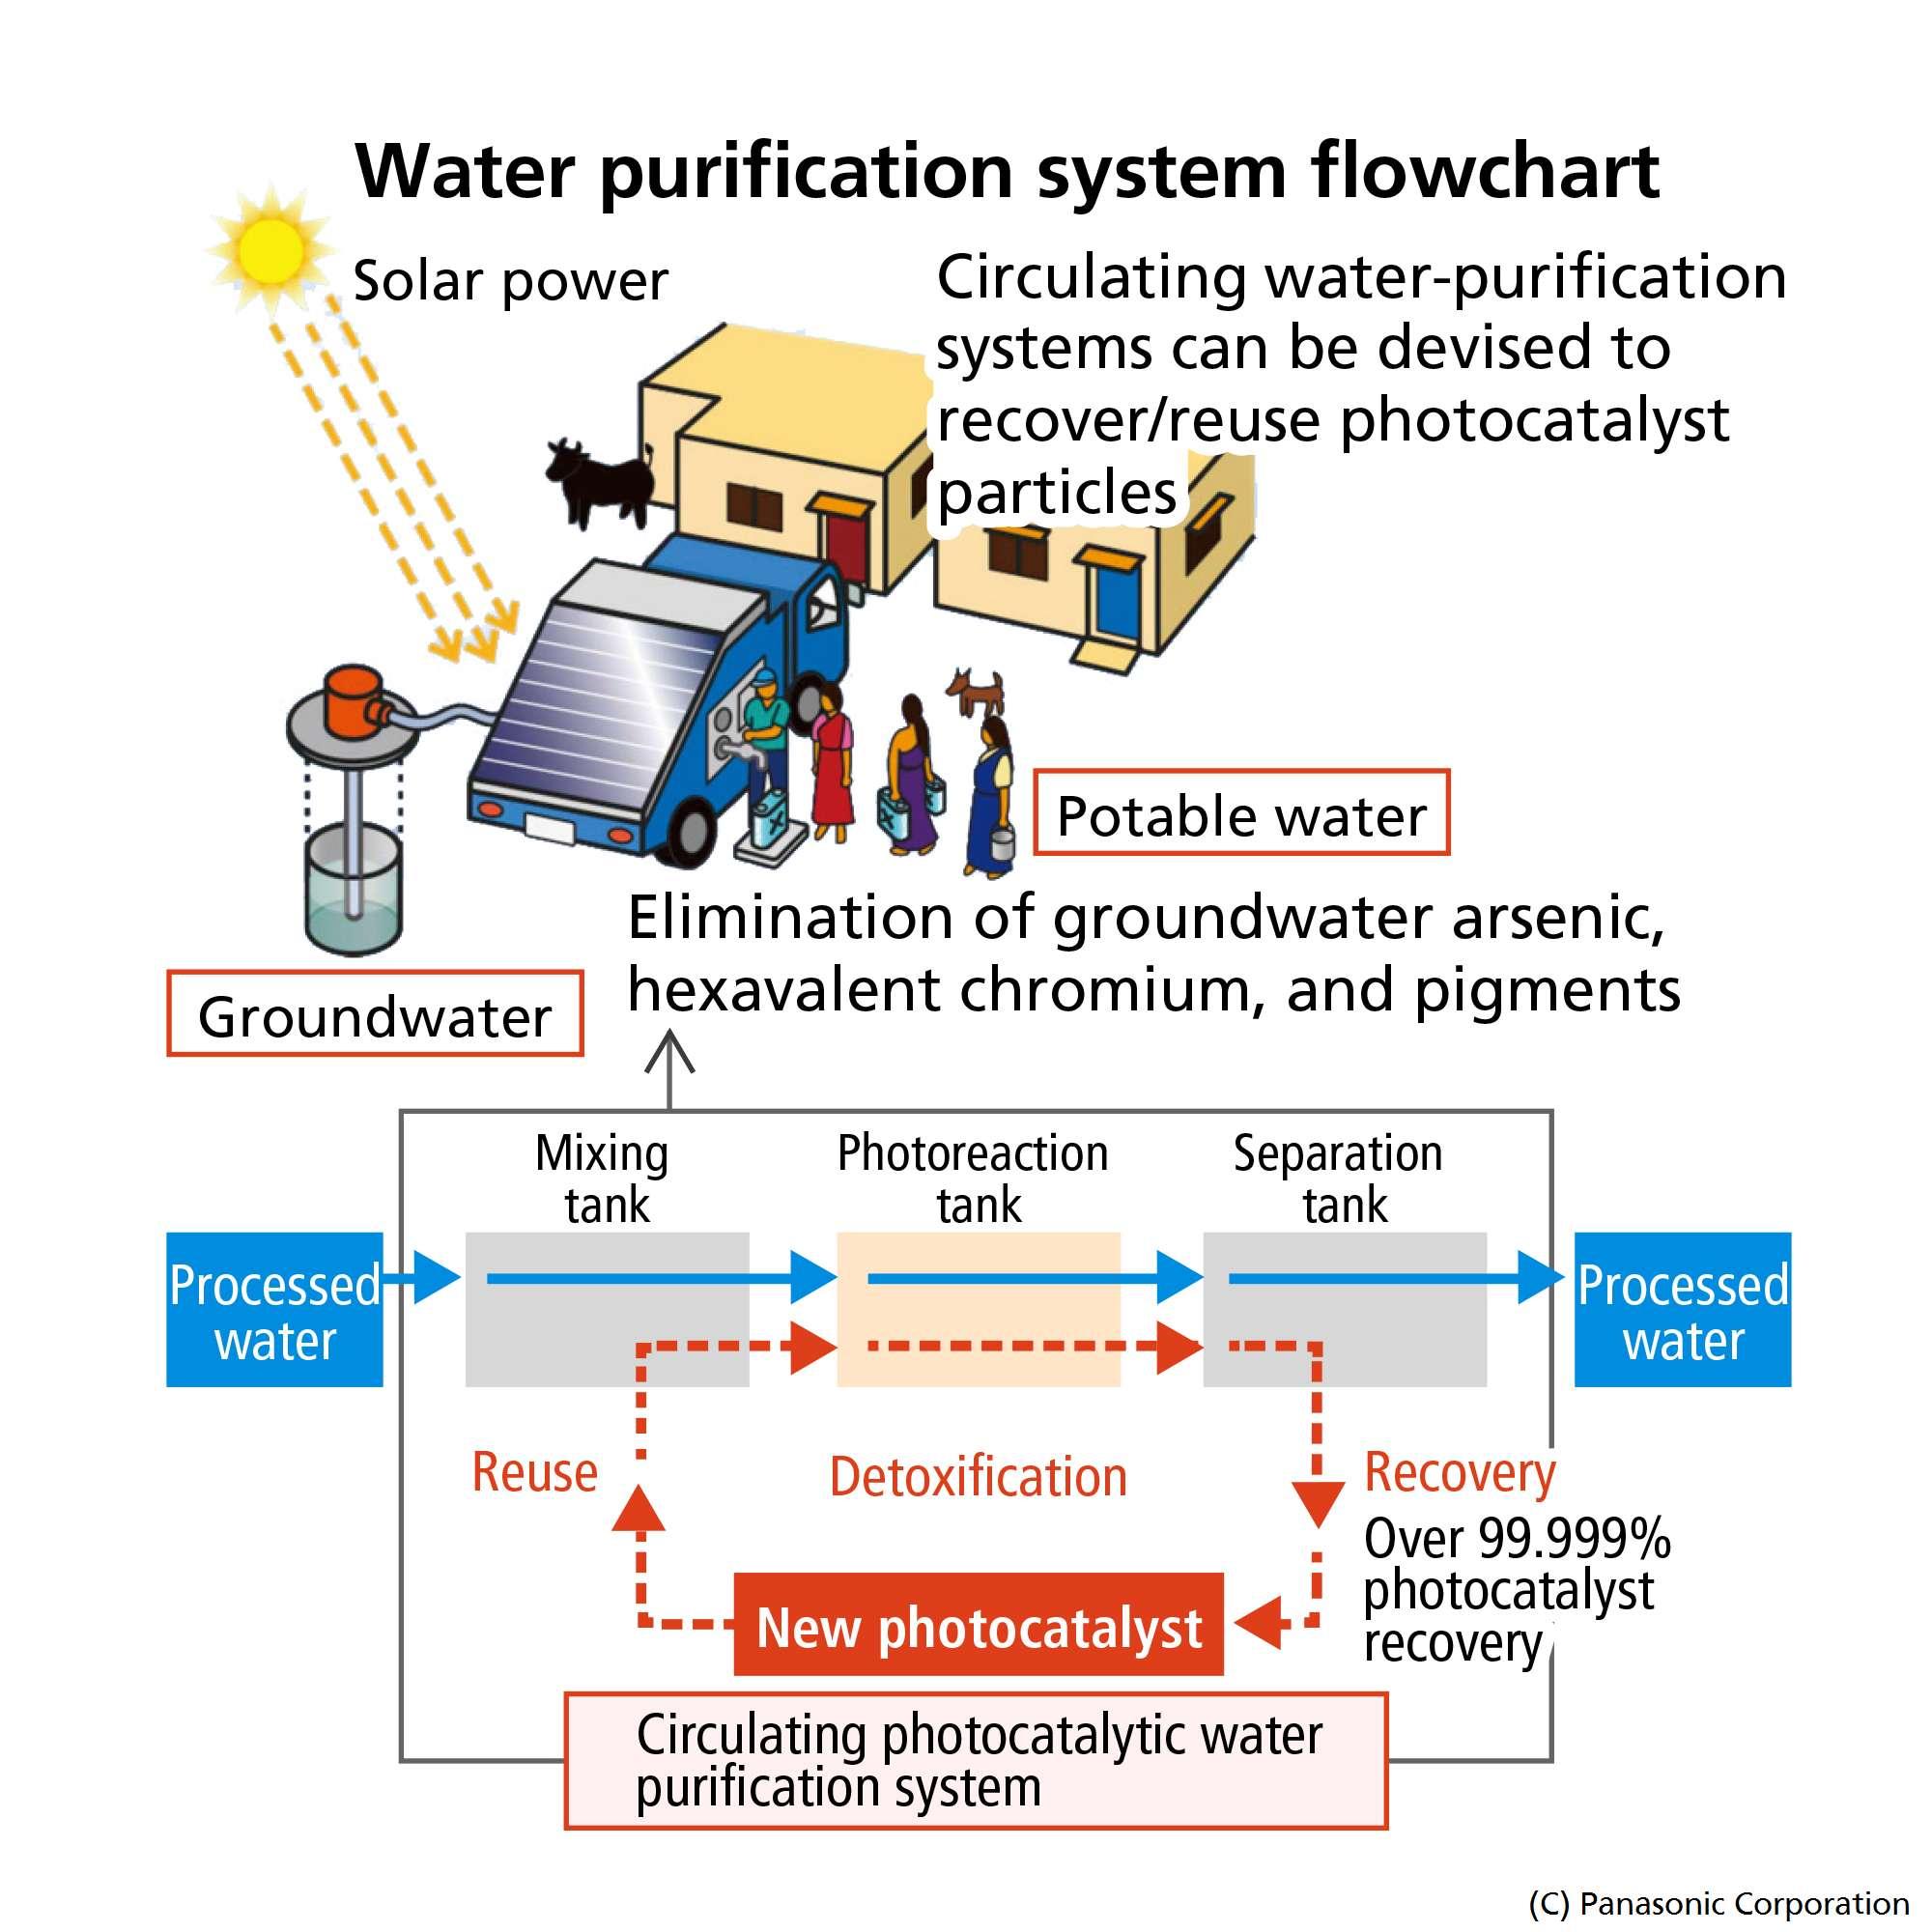 Panasonic Develops Photocatalytic Water Purification